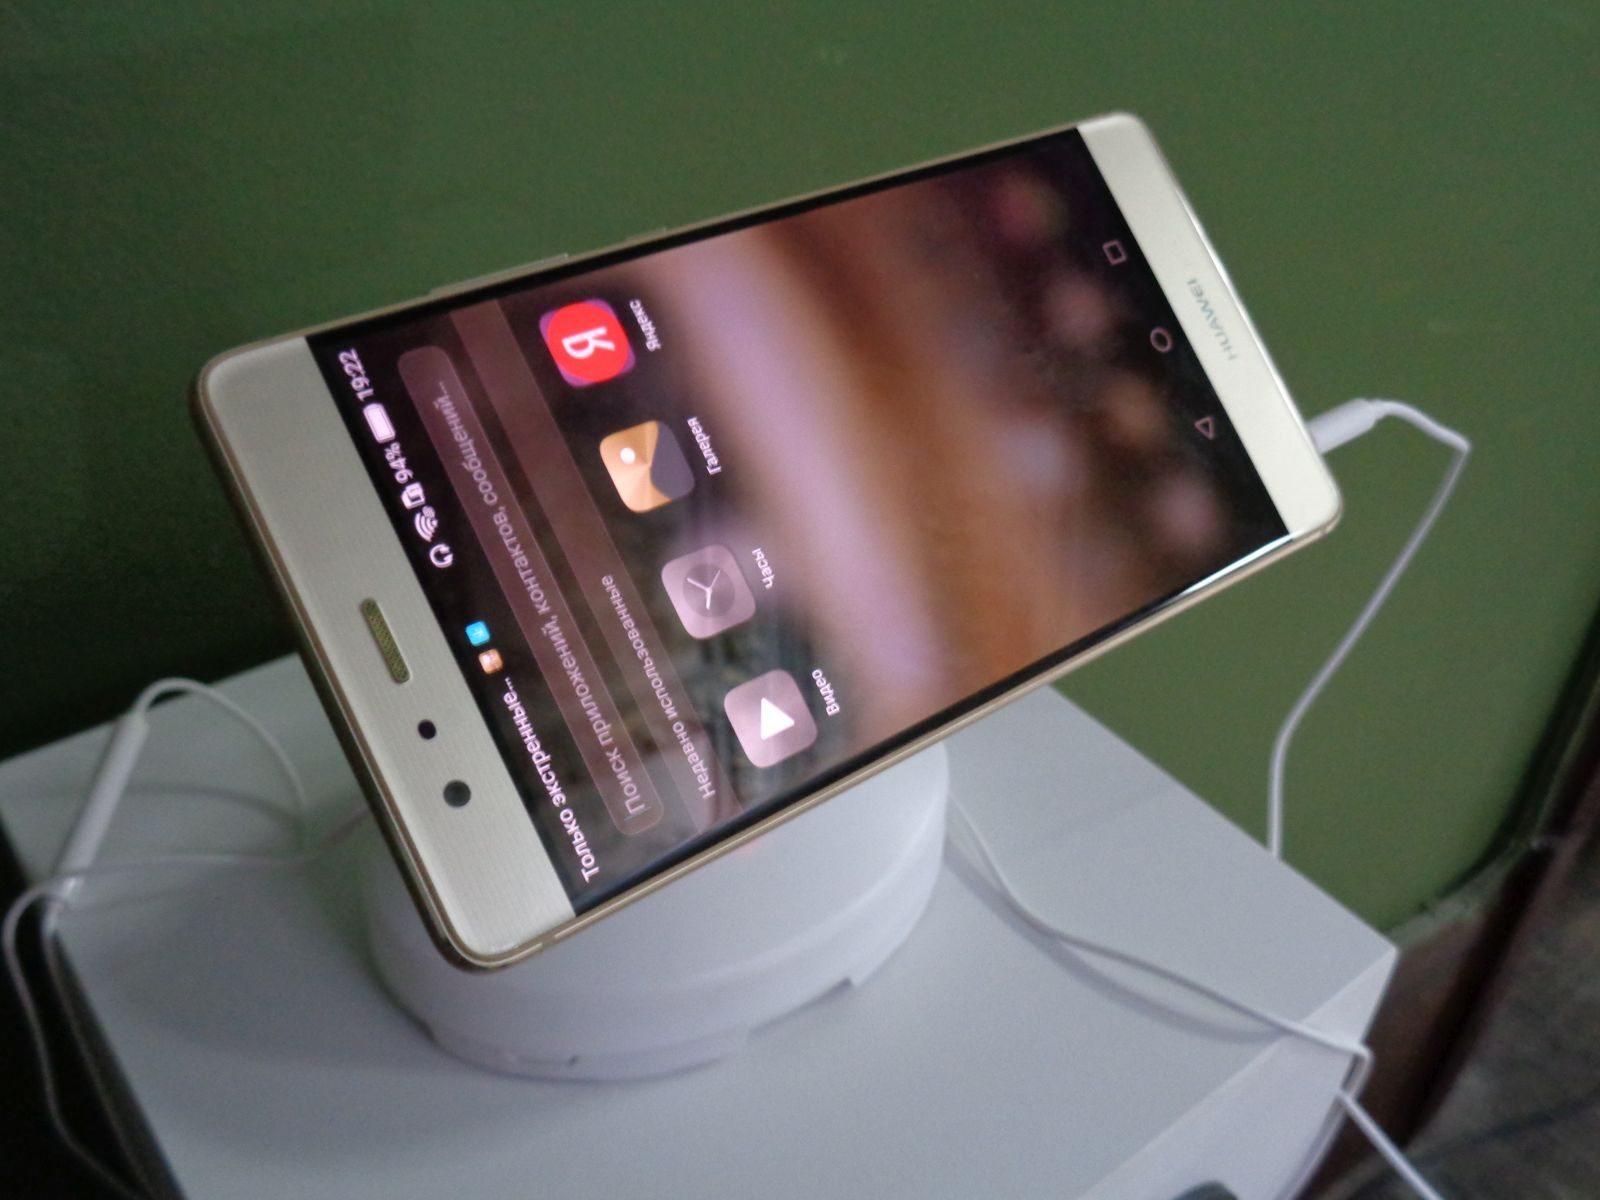 Huawei P9, P9 Plus menu